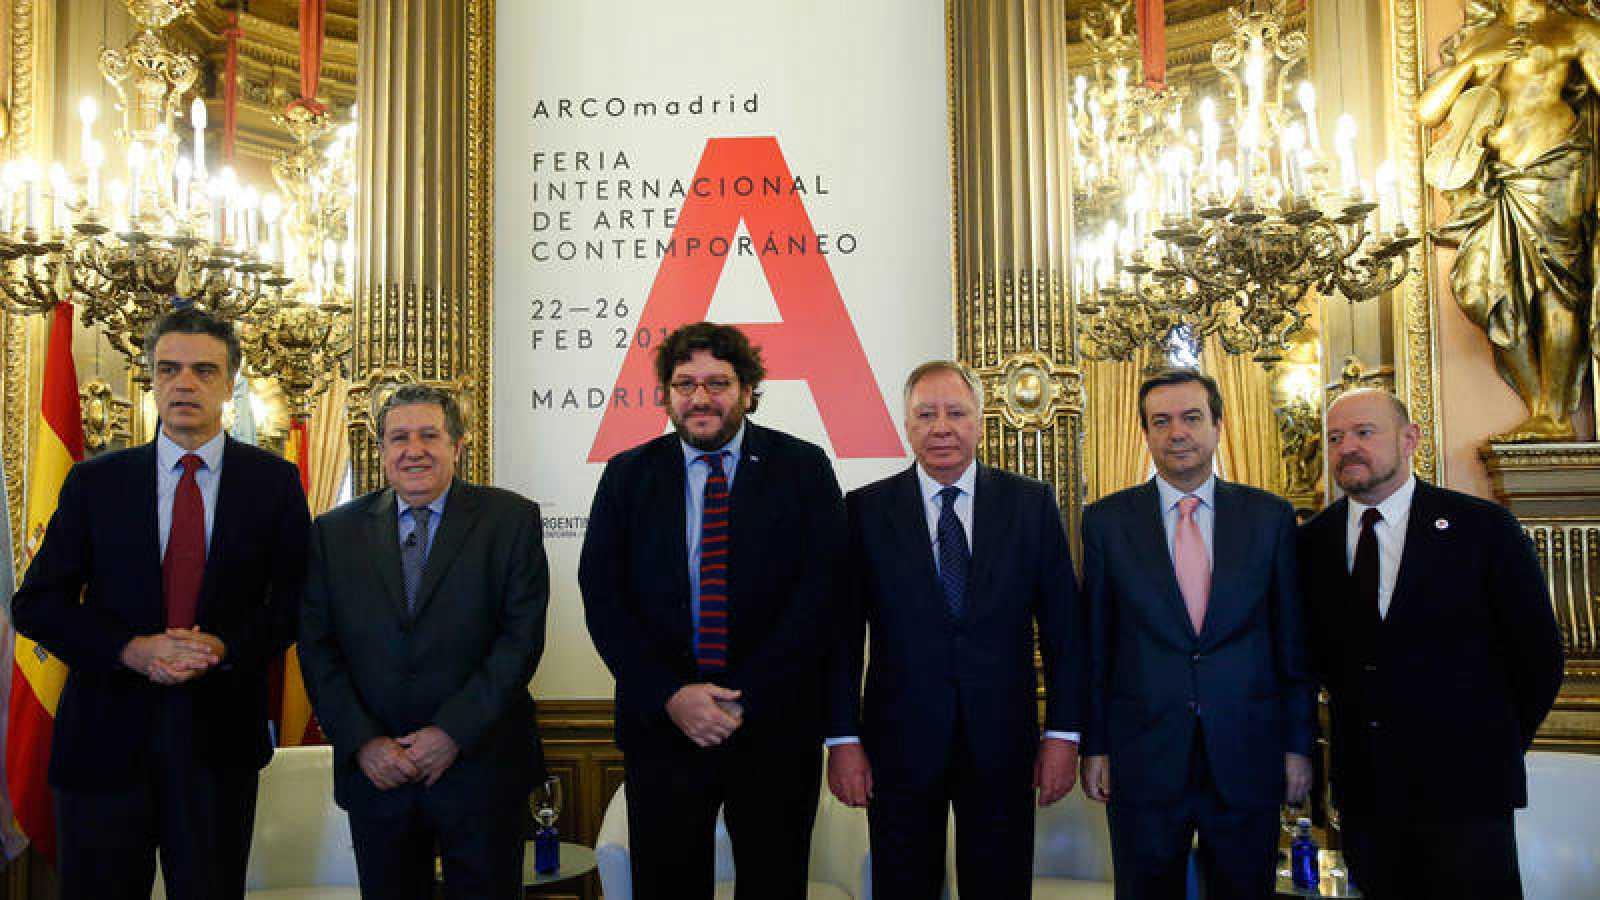 El ministro de Cultura argentino, Pablo Avelluto (3i); el presidente ejecutivo de IFEMA, Clemente González (3d); el embajador argentino en España, Federico Ramón Puerta (i); El director de Casa de América, Santiago Miralles (i); el director general